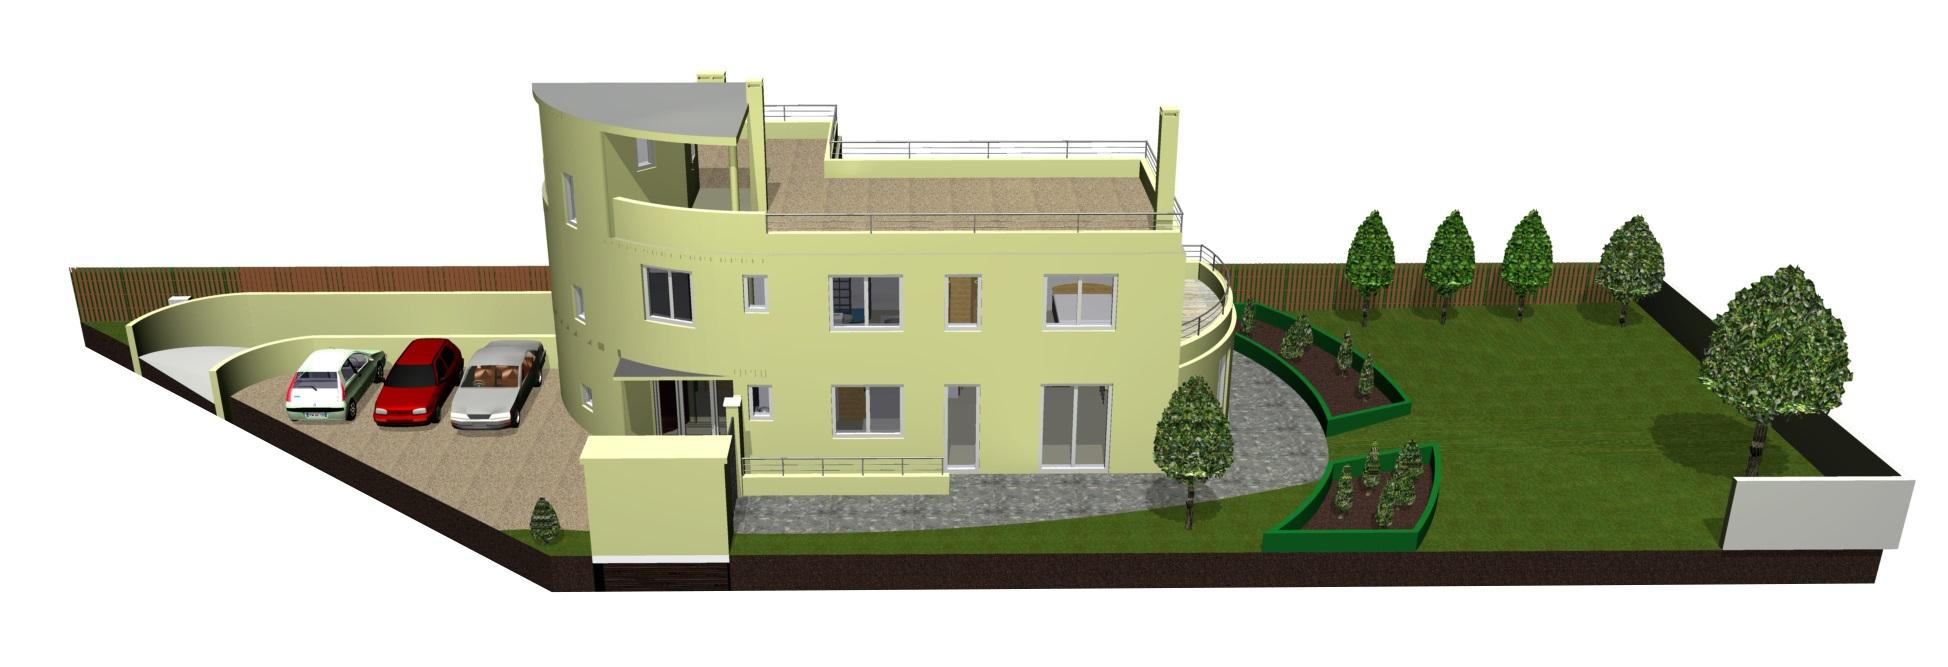 Image Principale - Esquisse pour une villa à Plaisir